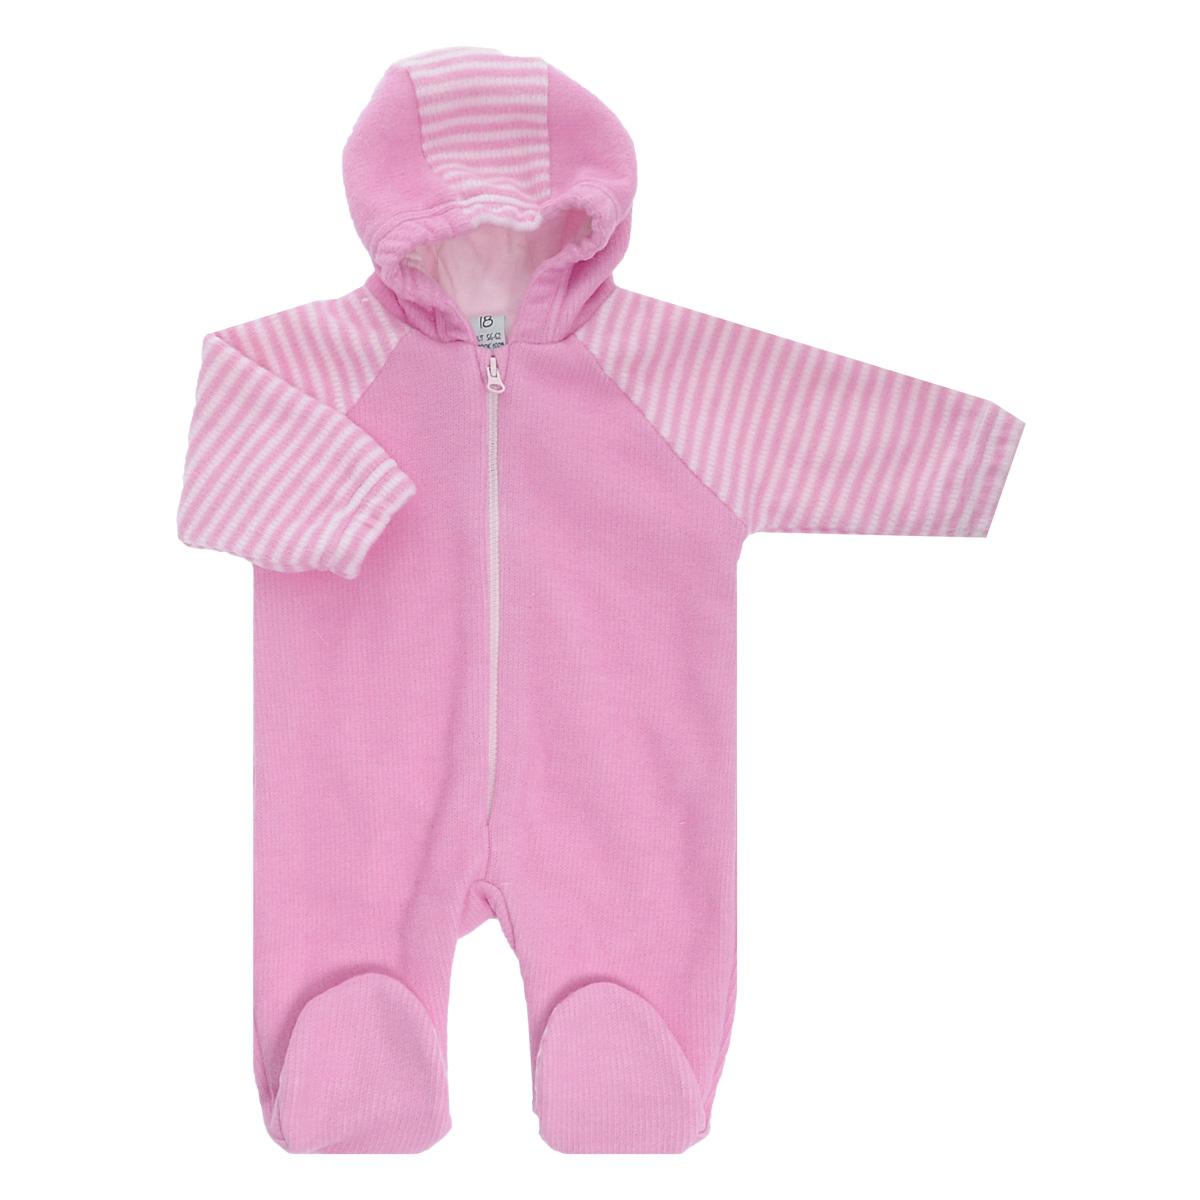 Комбинезон детский Lucky Child, цвет: розовый, белая полоска. 4-13. Размер 68/744-13Детский вязаный комбинезон с капюшоном Lucky Child - очень удобный и практичный вид одежды для малышей. Комбинезон выполнен из натурального хлопка, на подкладке также используется натуральный хлопок, благодаря чему он необычайно мягкий и приятный на ощупь, не раздражают нежную кожу ребенка и хорошо вентилируются, а эластичные швы приятны телу малыша и не препятствуют его движениям. Комбинезон с длинными рукавами-реглан и закрытыми ножками имеет пластиковую застежку-молнию по центру, которая помогает легко переодеть младенца. Рукава понизу дополнены неширокими эластичными манжетами, не перетягивающими запястья. С детским комбинезоном Lucky Child спинка и ножки вашего малыша всегда будут в тепле. Комбинезон полностью соответствует особенностям жизни младенца в ранний период, не стесняя и не ограничивая его в движениях!